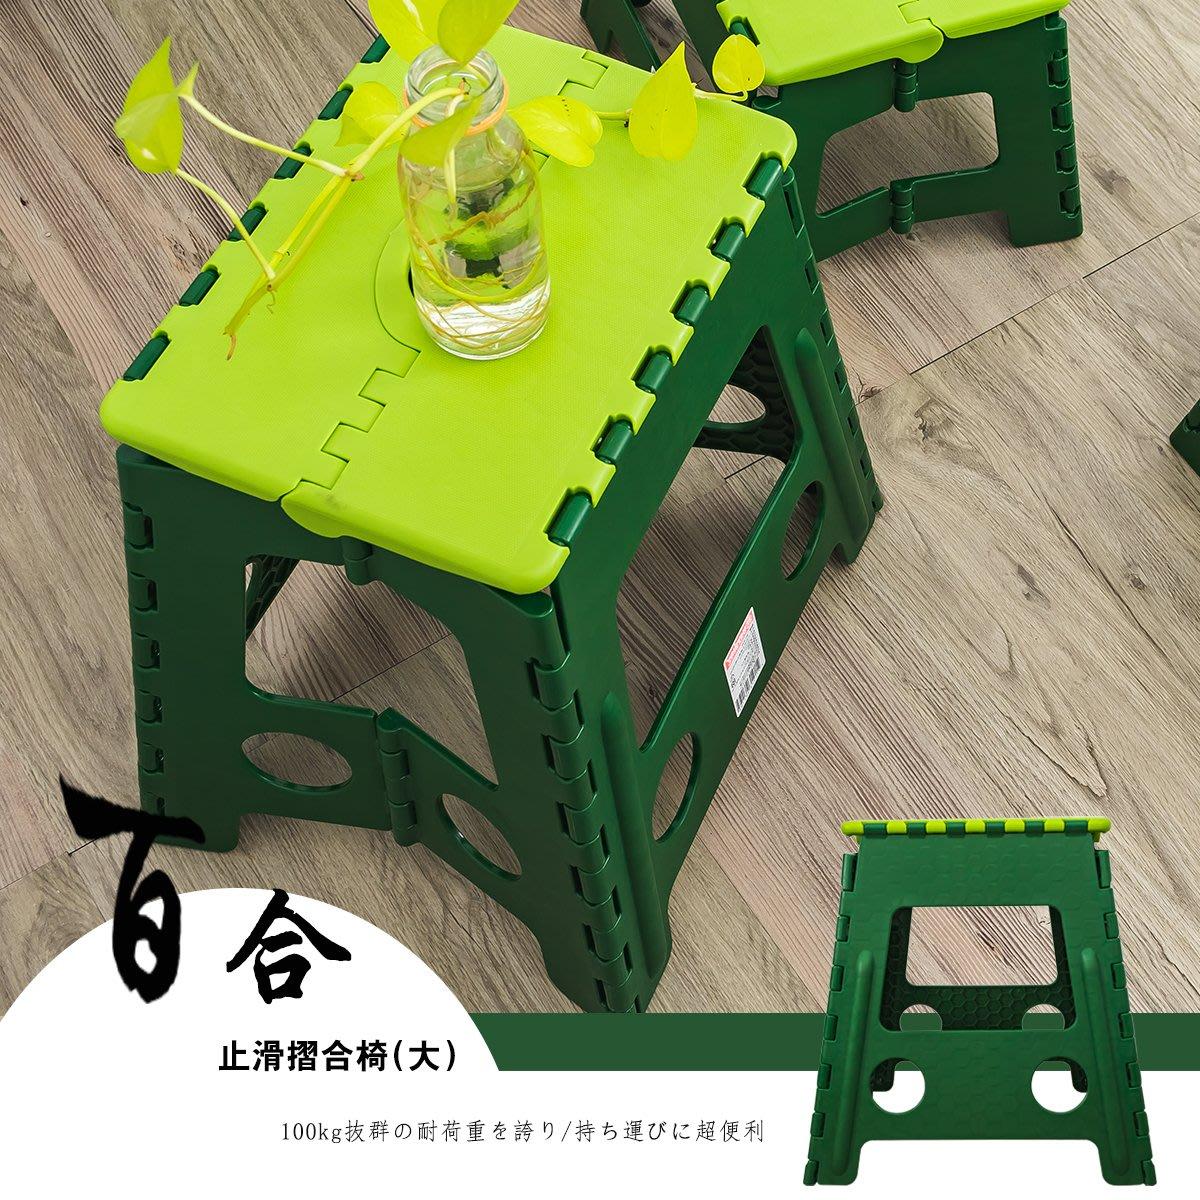 *架式館*百合止滑摺合椅(大) 摺疊椅 椅凳 墊高椅 keyway 野餐凳 餐椅